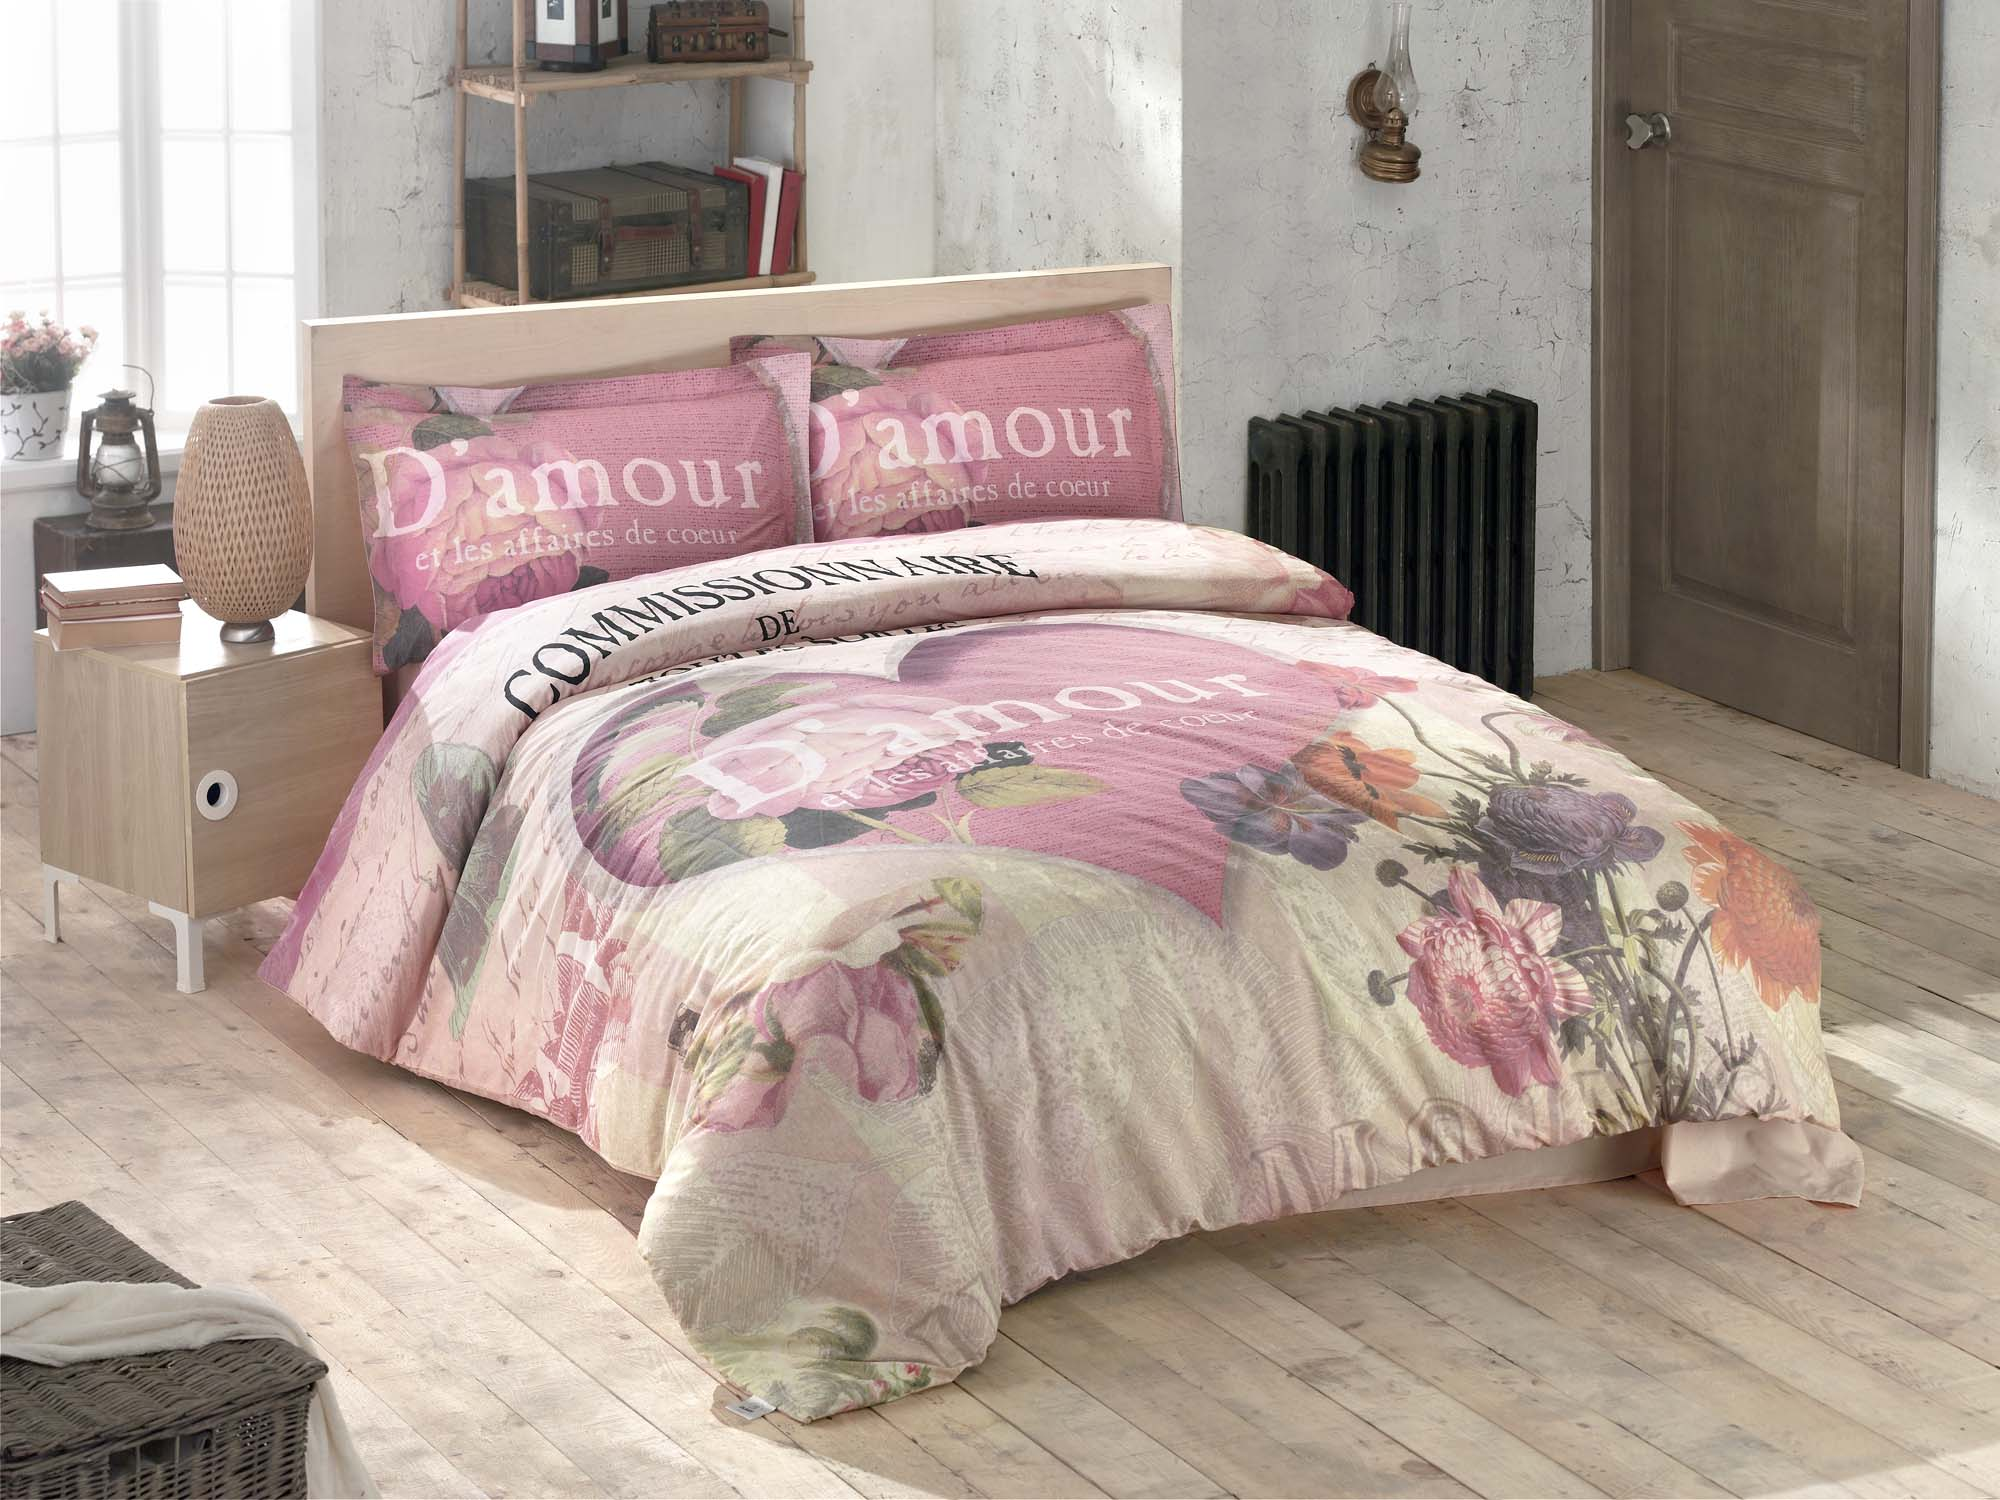 Комплект белья Clasy Romance, евро, наволочки 50х70, цвет: розовыйPANTERA SPX-2RSКомплект постельного белья Clasy Romance изготовлен в Турции из высококачественного ранфорса на одной из ведущих фабрик.Выбирая постельное белье Clasy Romance вы будете приятно удивлены качественной выделкой ткани, красивыми и модными расцветками, а так же его отличным качеством. Все наволочки у комплектов Clasy Romance имеют клапан без пуговиц и молнии. Пододеяльник с пуговицами.